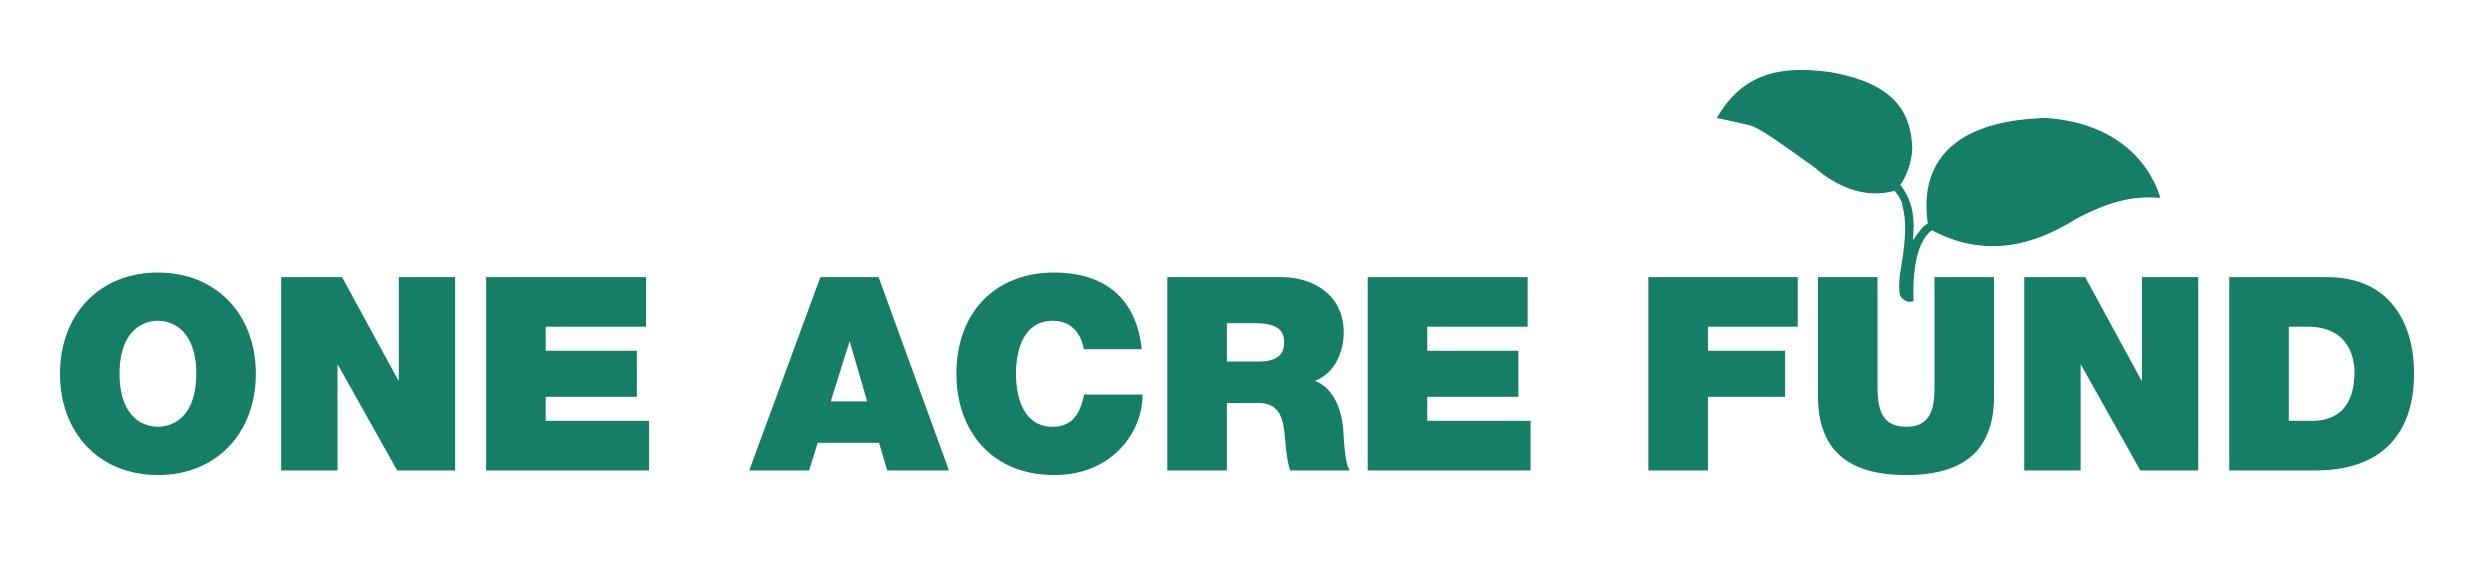 One Acre Fund Logo.jpeg